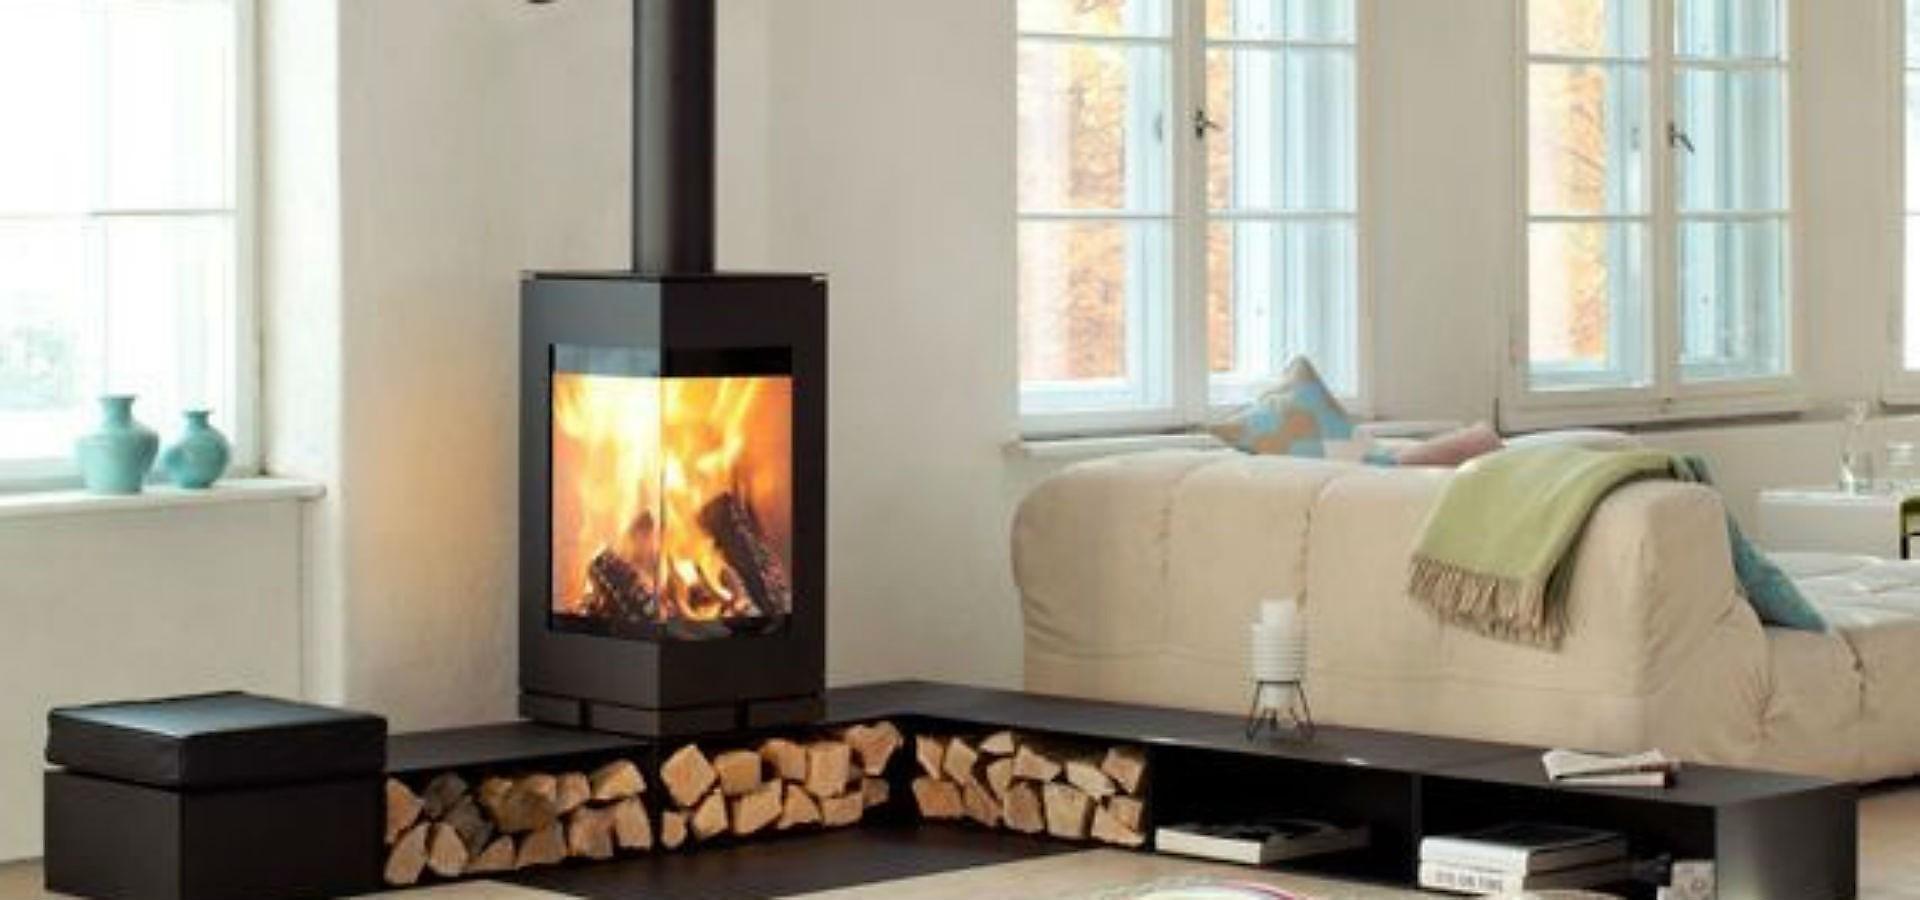 Caminetti stufe a legna e pellet barbecue arredo giardino for Caminetti da arredo